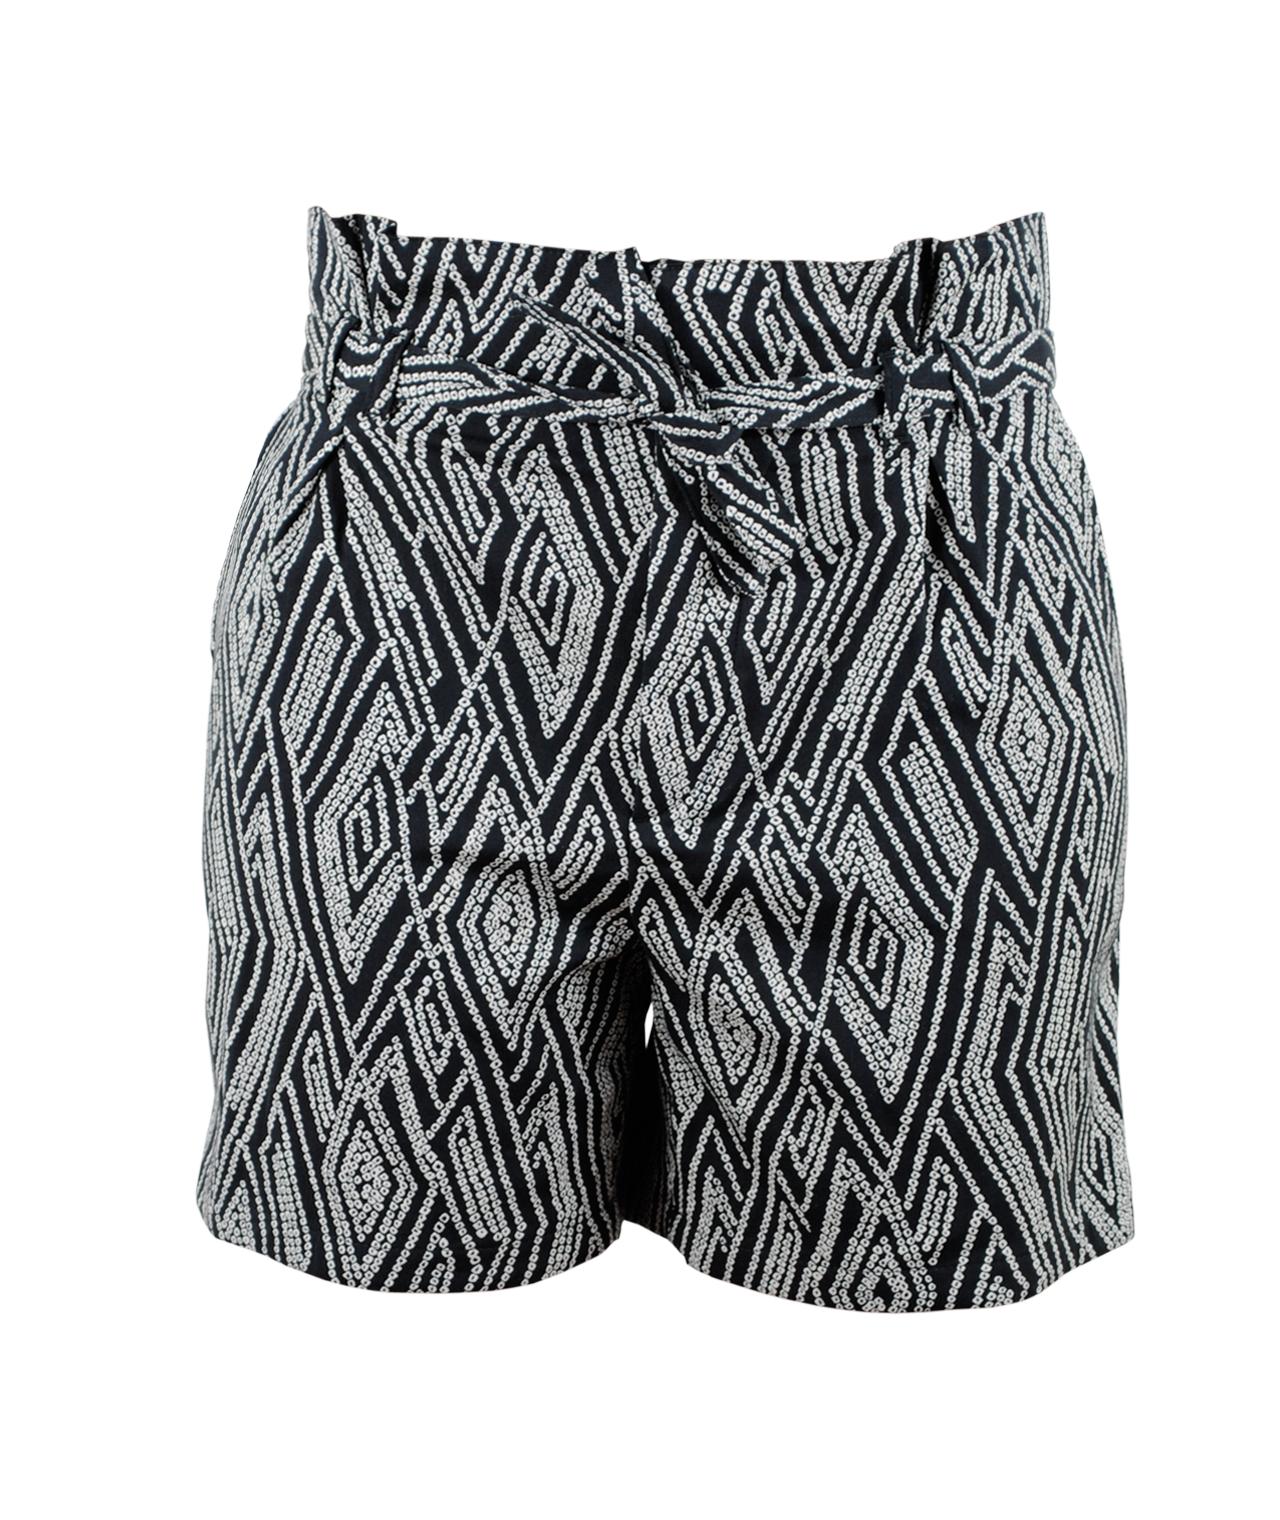 Shorts Print Silk von DRYKORN bei TATEM